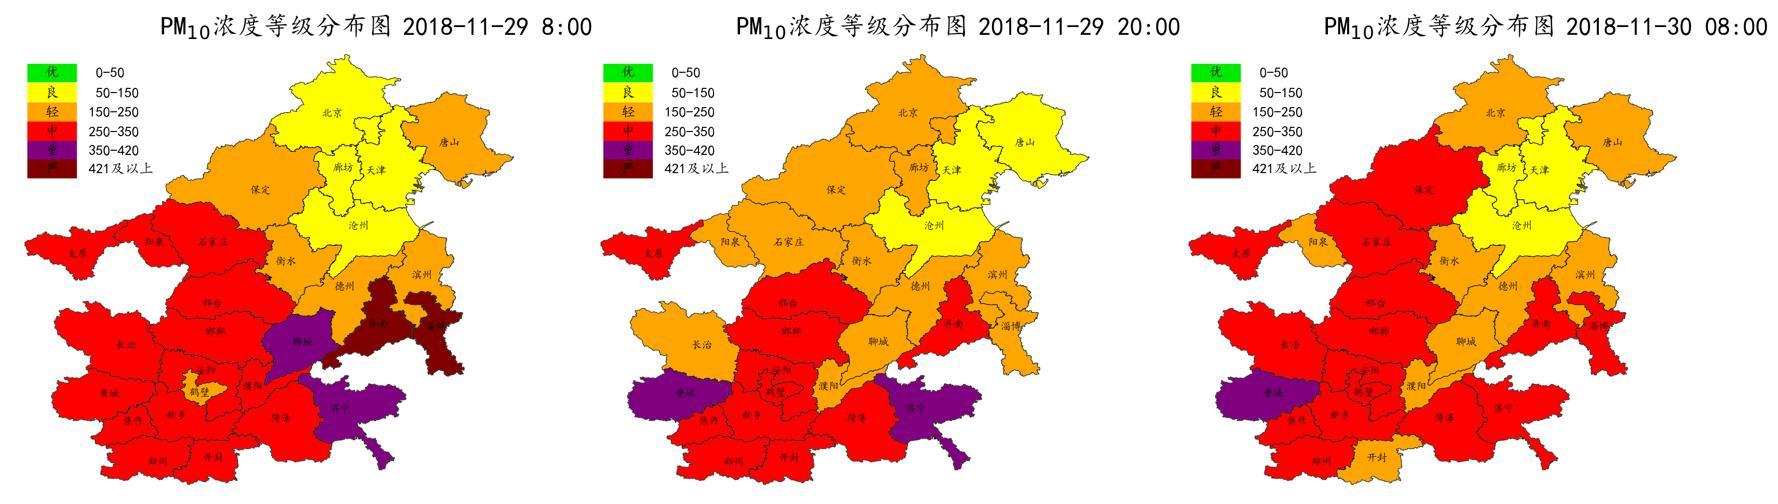 """(""""2 26""""城市11月29-30日典型时段PM10小时浓度分布)"""